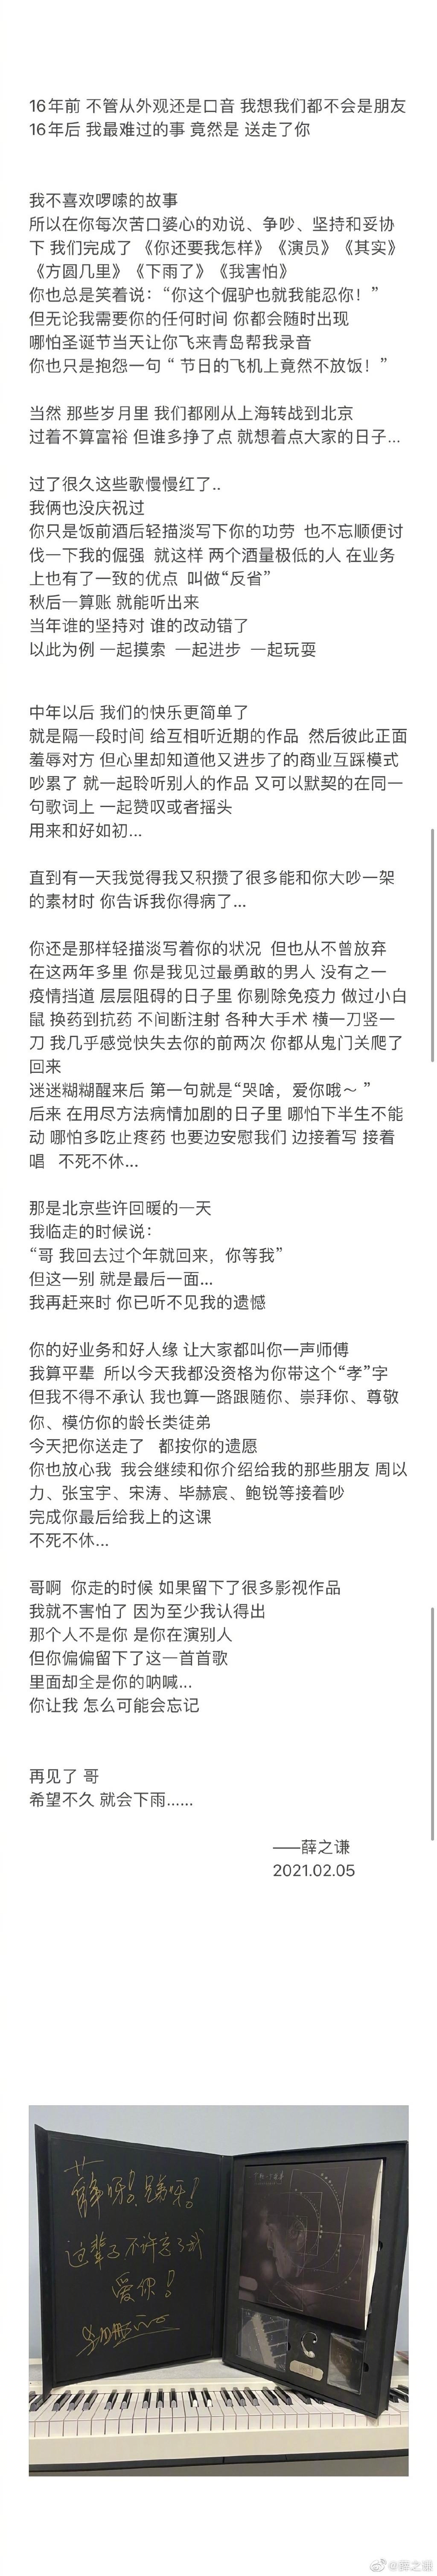 薛之謙發長文悼念趙英俊: 你是我見過最勇敢的男人-圖1